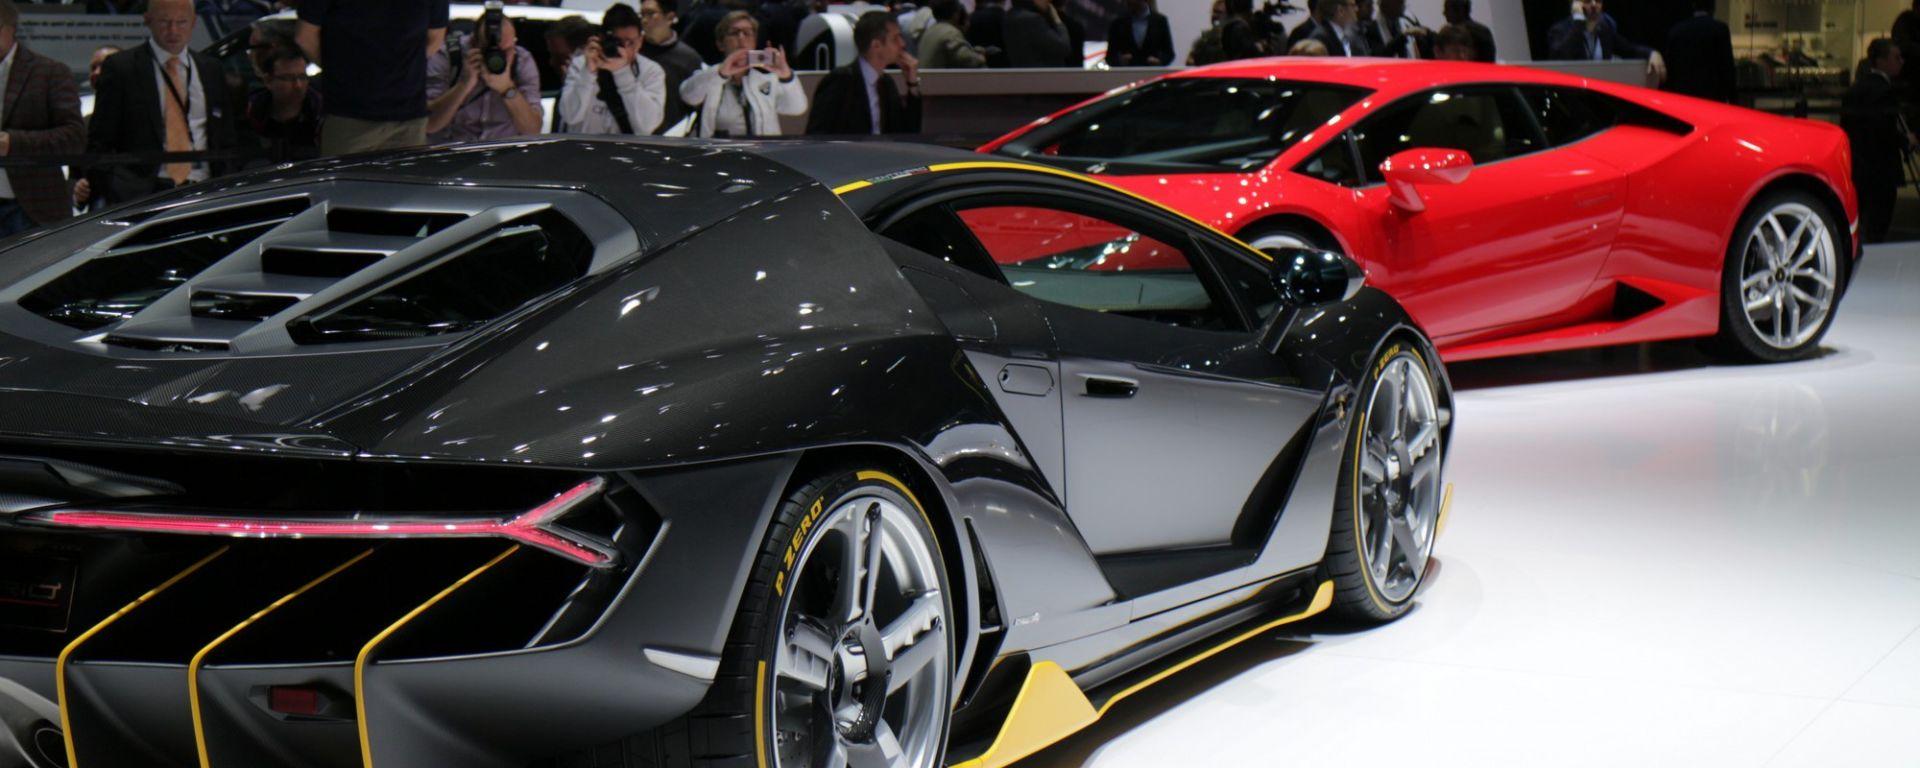 Ginevra 2016: la Lamborghini Centenario